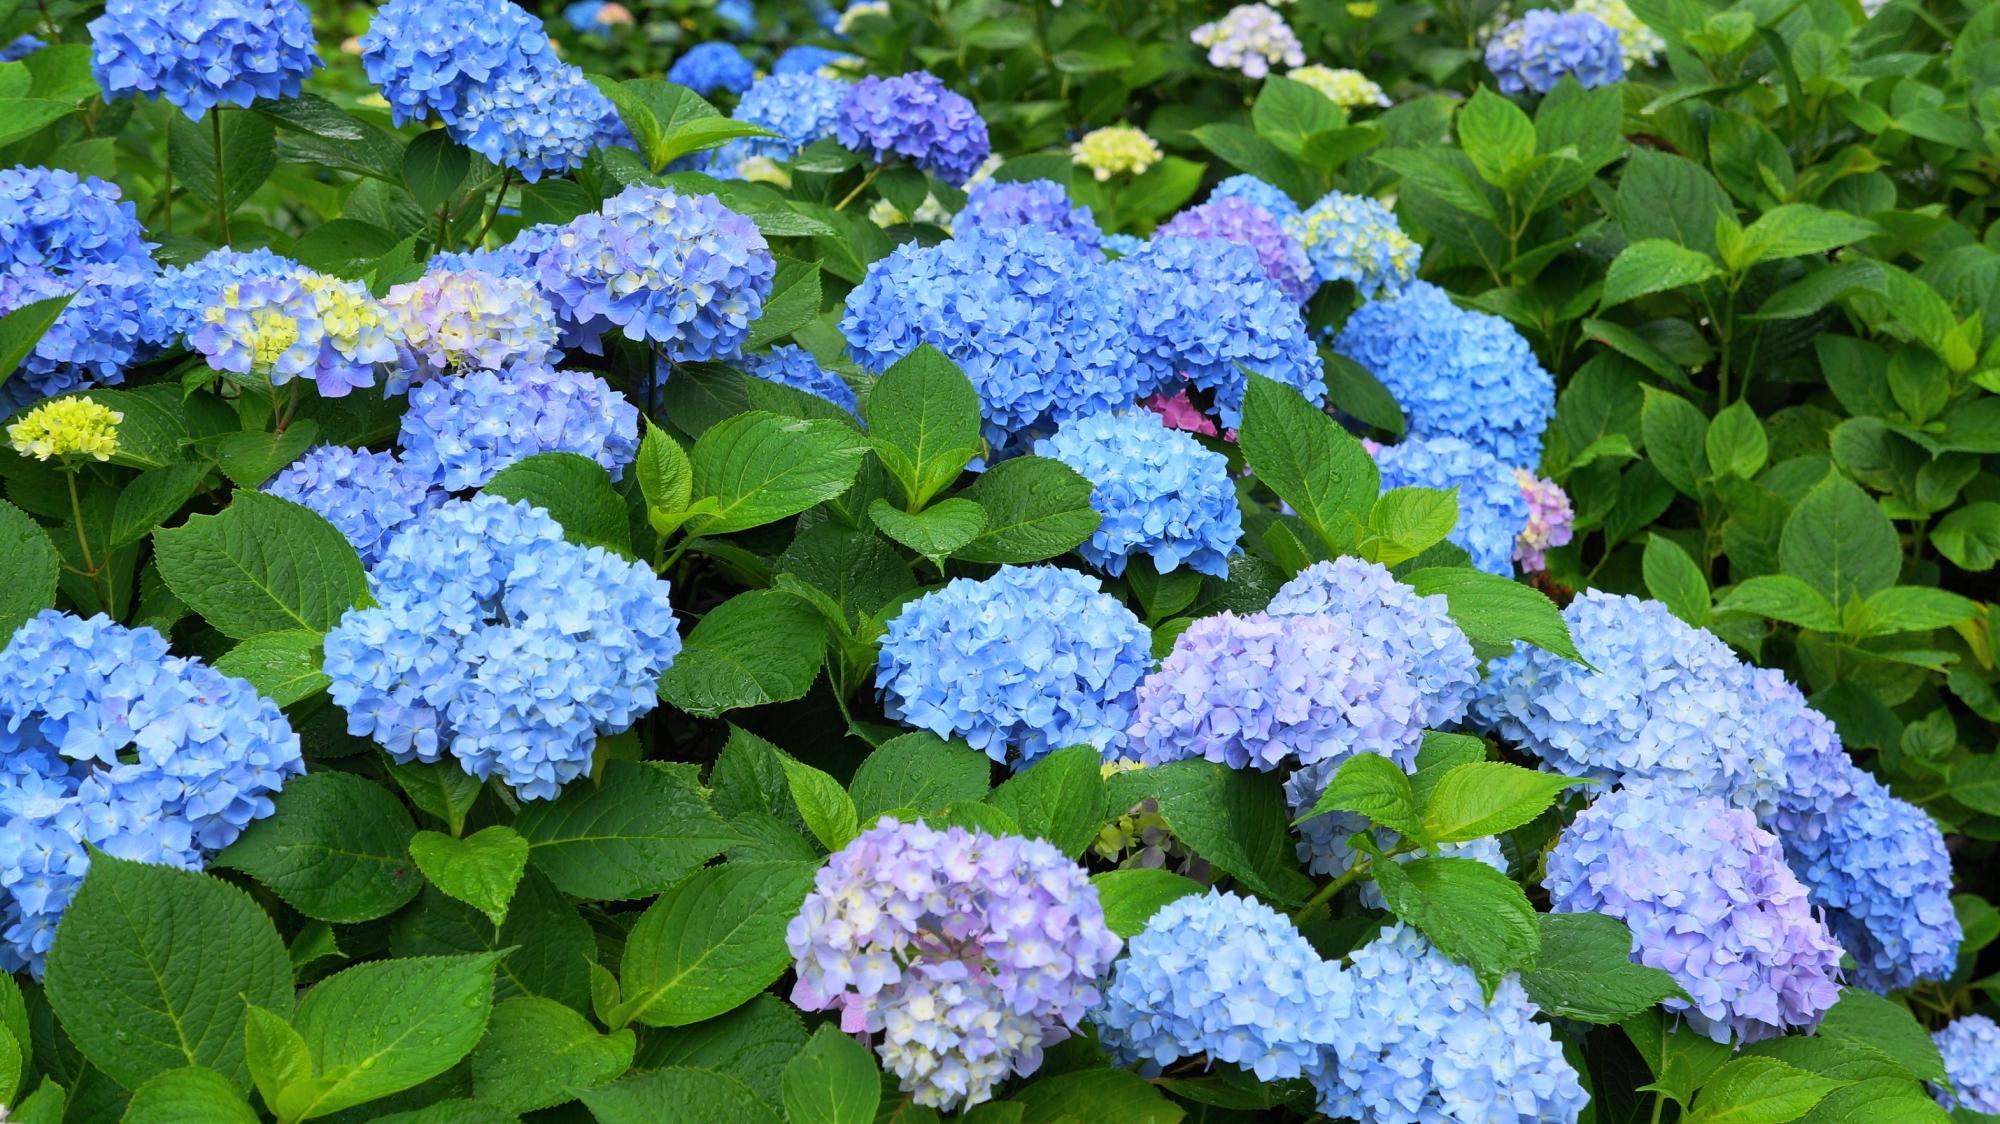 三室戸寺の素晴らしい紫陽花と初夏の情景